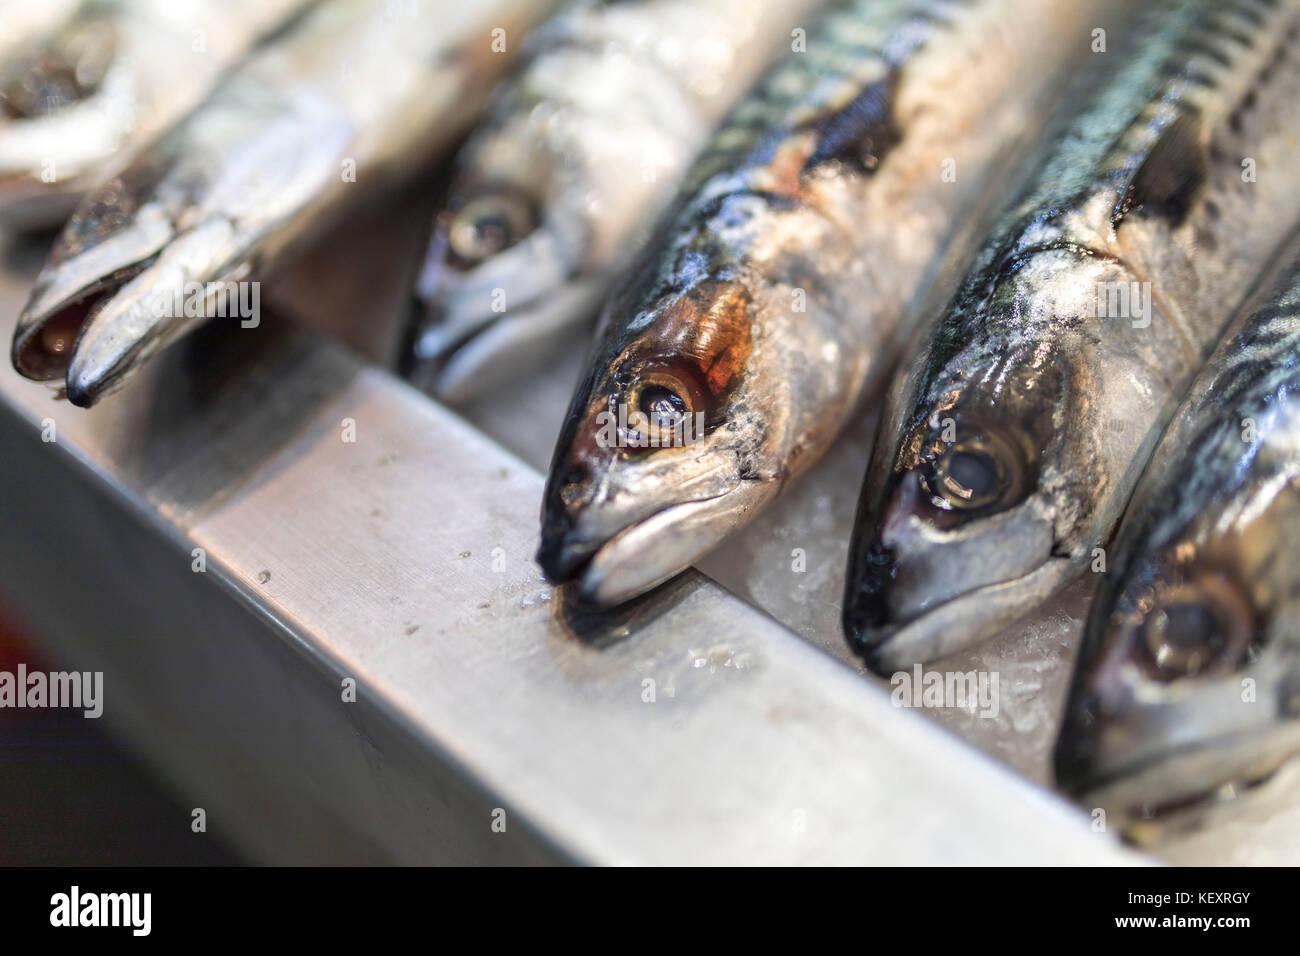 Eine Nahaufnahme von frisch gefangenen Makrelen auf Eis auf einem Markt in Großbritannien Abschaltdruck Stockbild